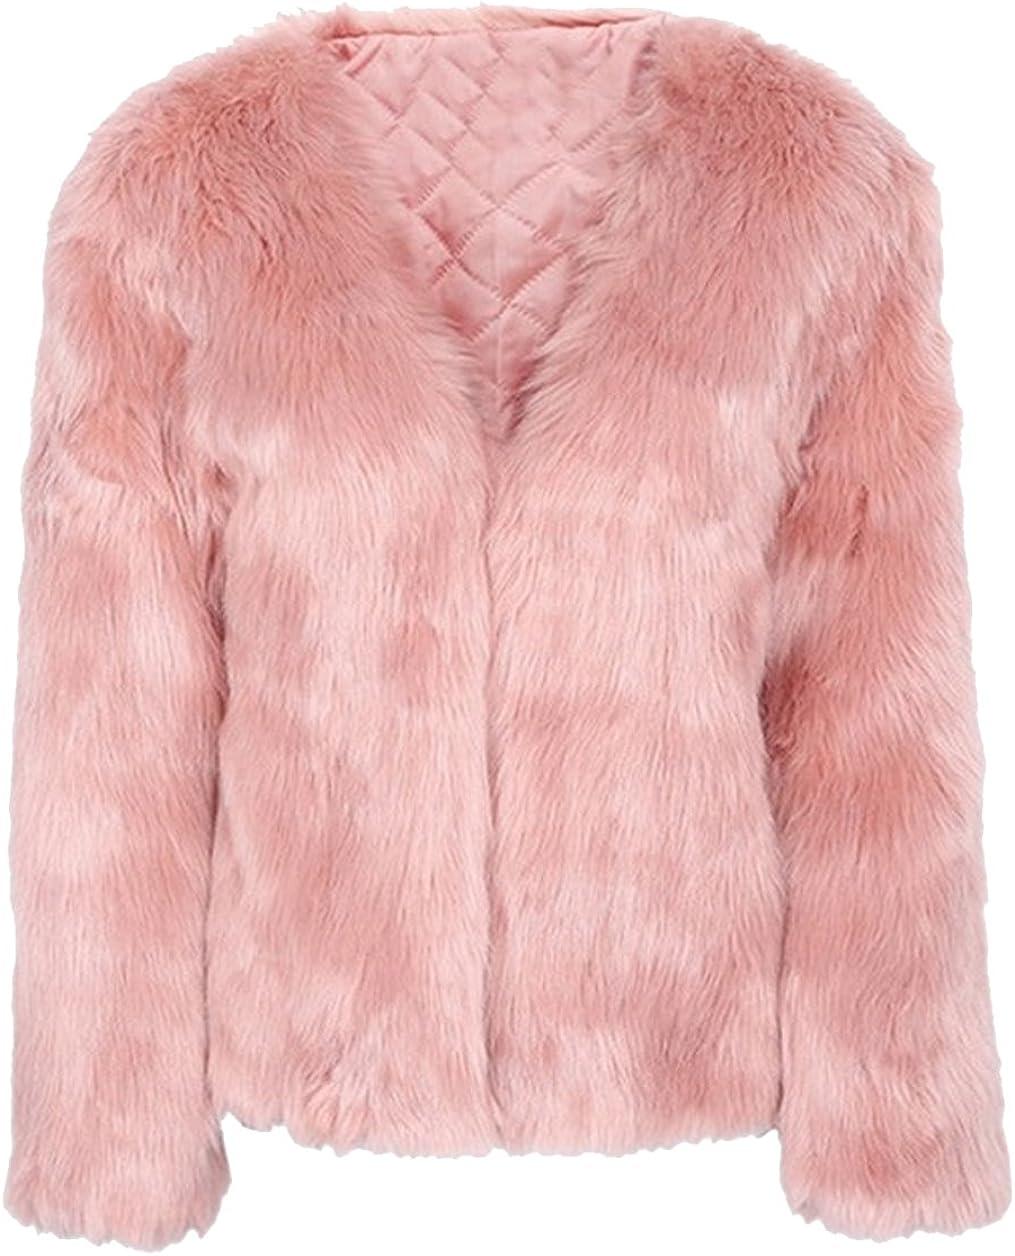 GESELLIE Women's Fashion Short Faux Fur Long Sleeve Jacket Warm Fluffy Outwear Coat